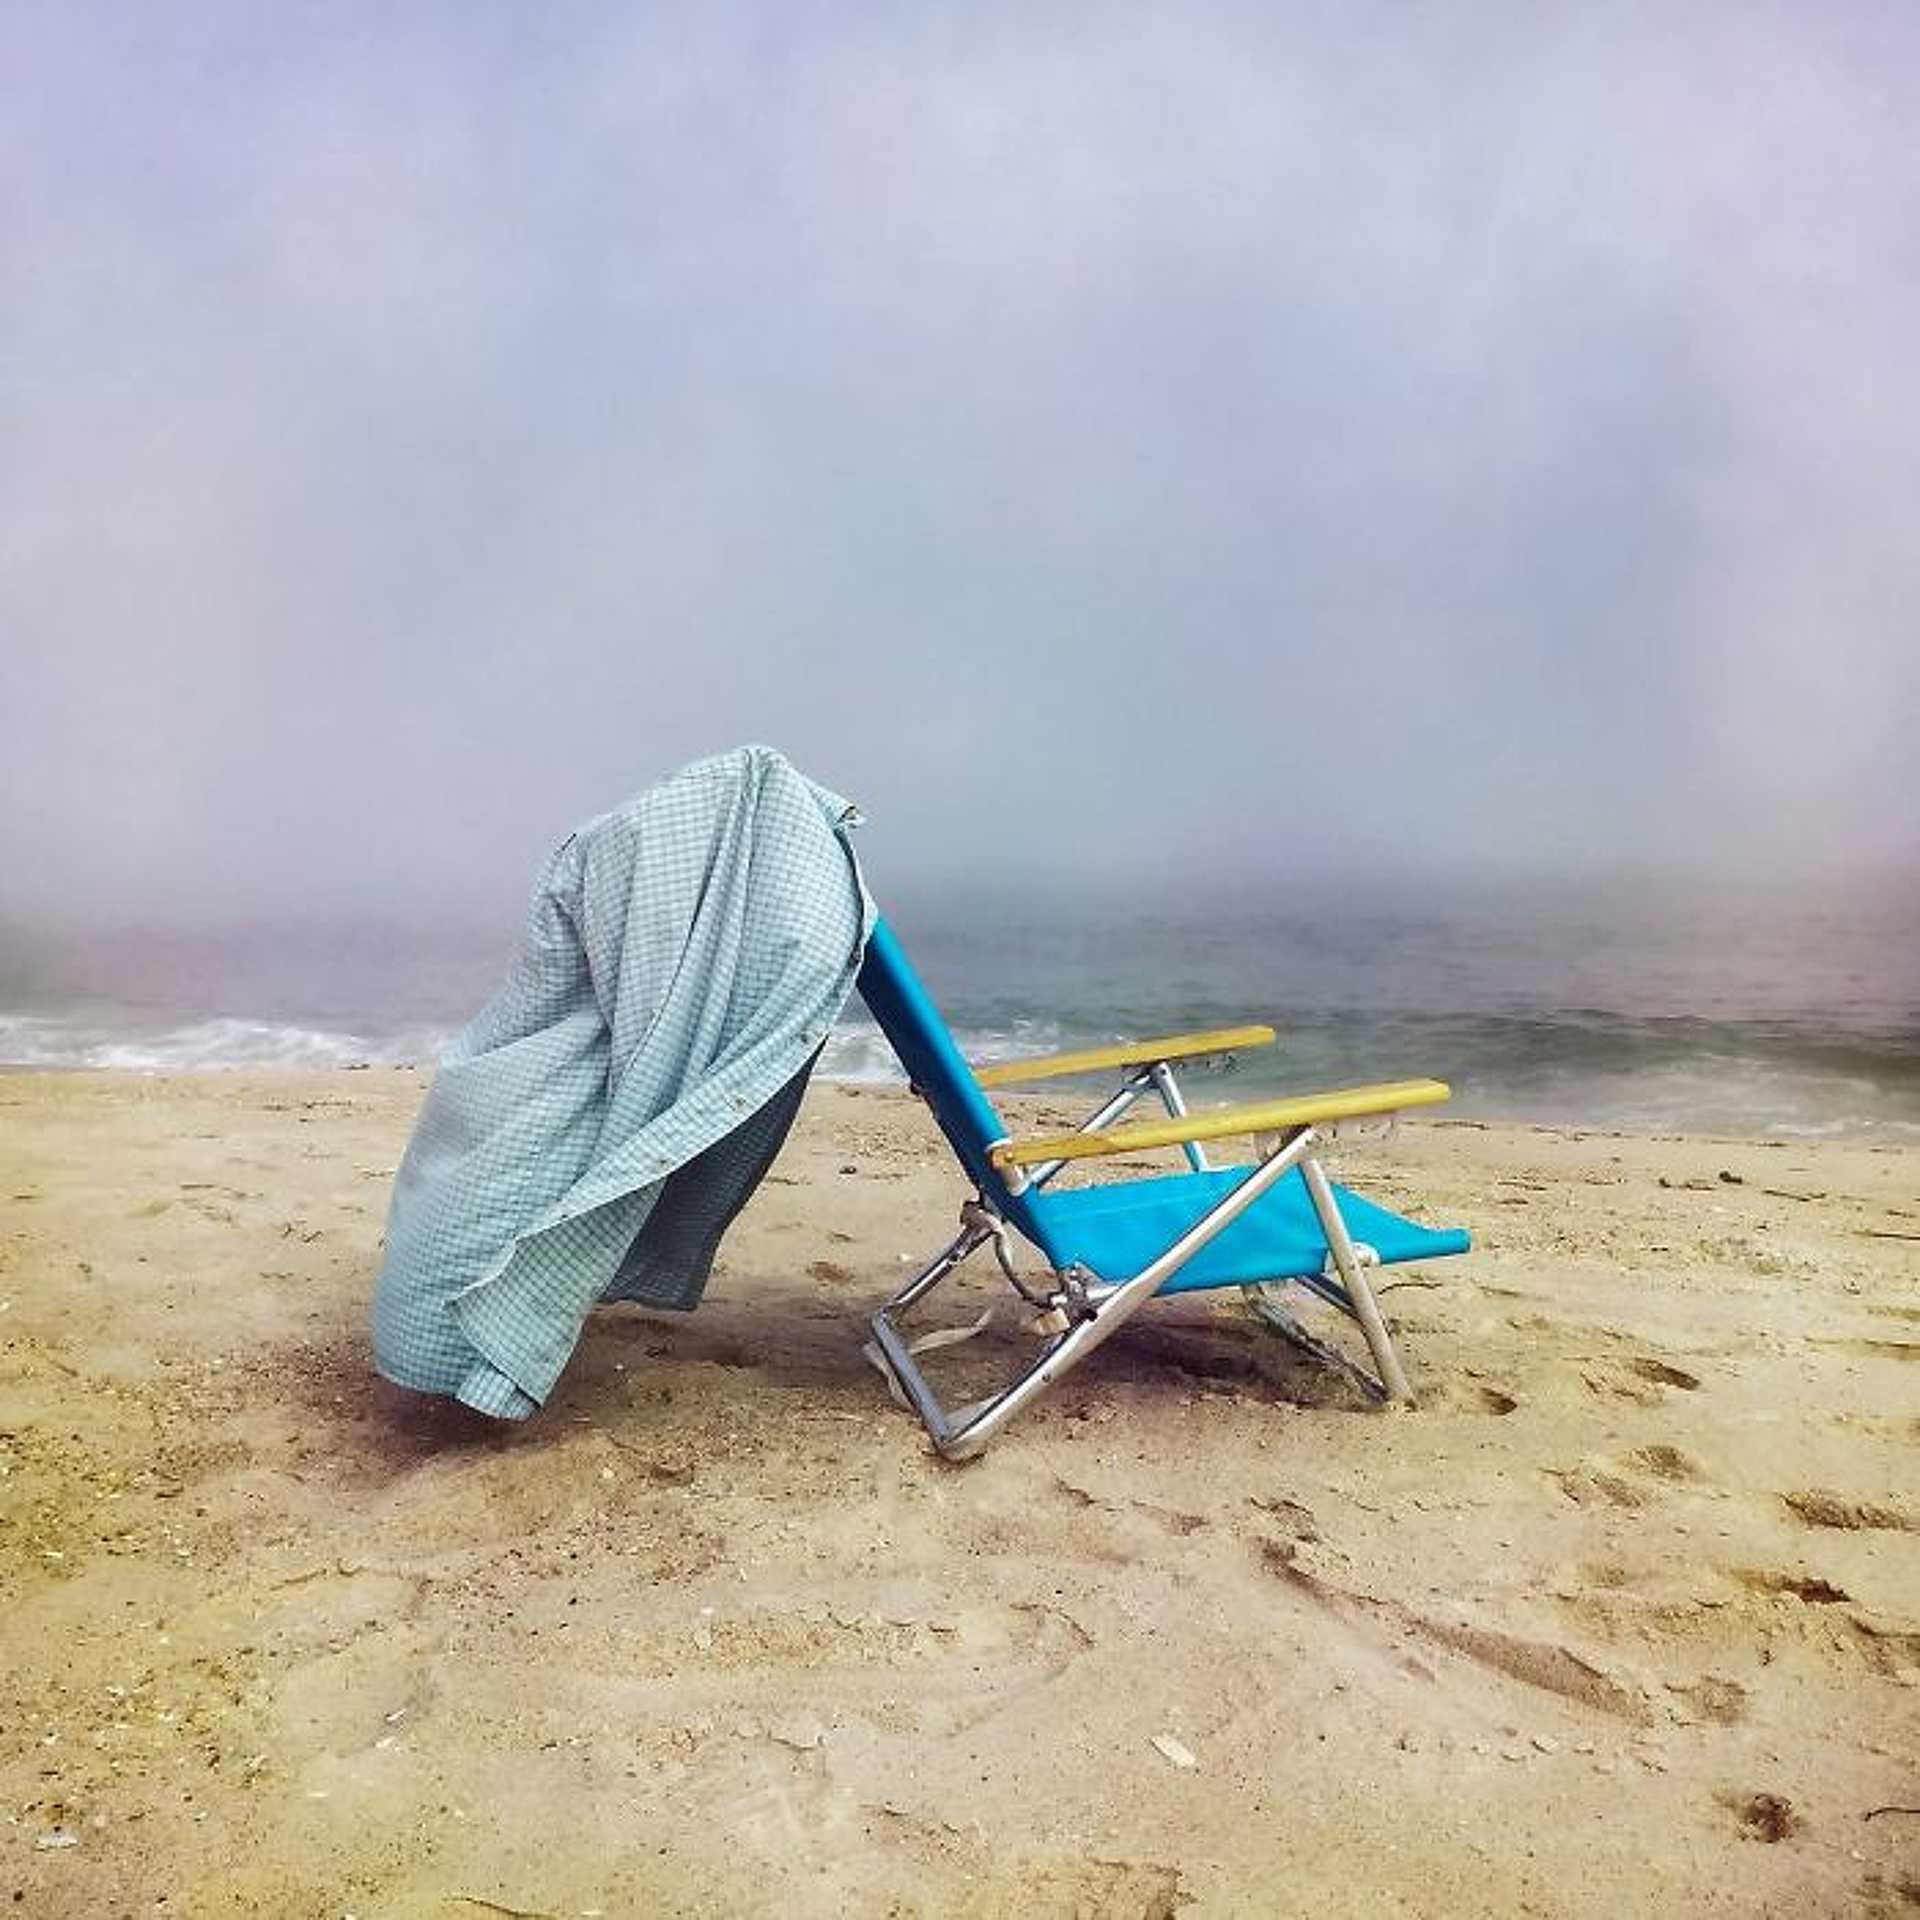 Egyéb - Danielle Moir: 'Beach Chair'